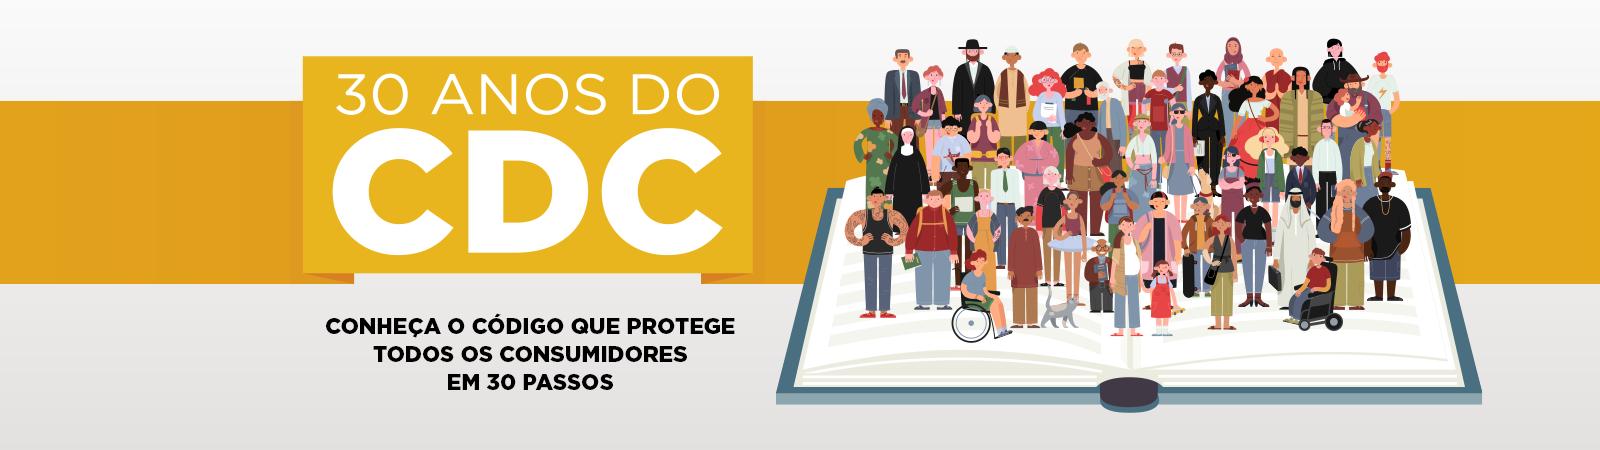 30 anos do CDC